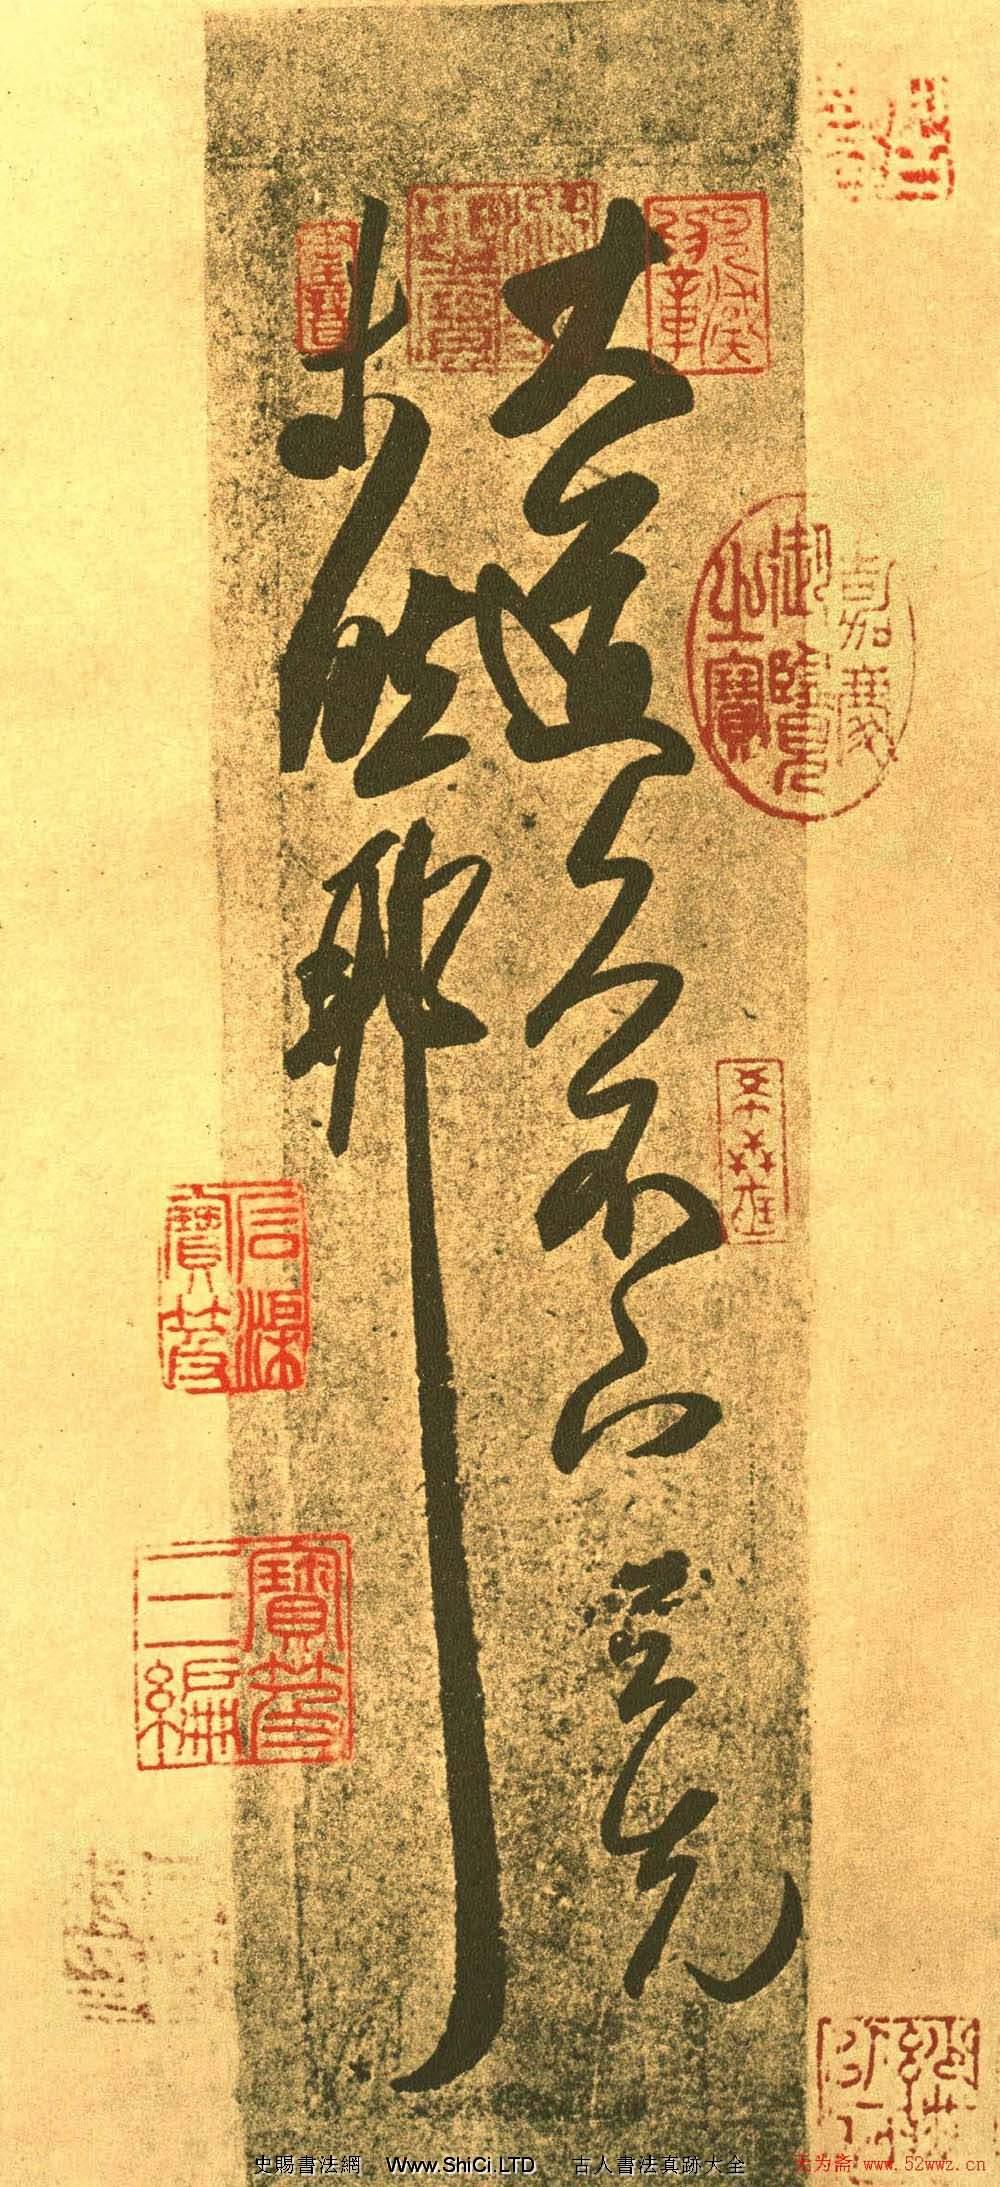 王羲之一筆書《大道帖》摹本(共3張圖片)